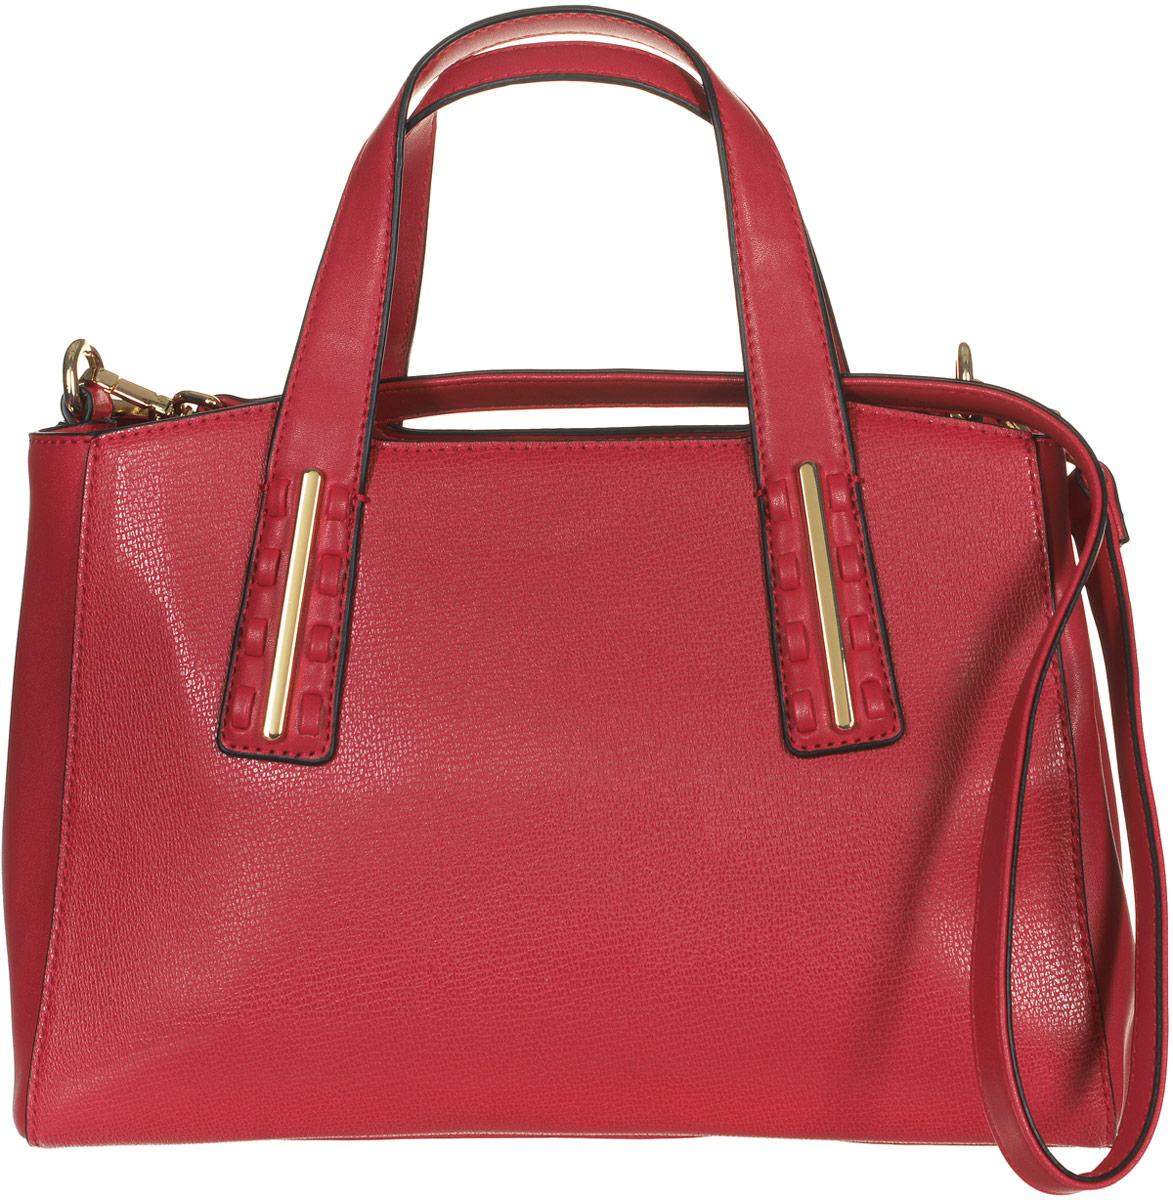 Сумка женская Jane Shilton, цвет: красный. 21772177redСтильная сумка Jane Shilton не оставит вас равнодушной благодаря своему дизайну и практичности. Она изготовлена из качественной искусственной кожи зернистой текстуры и выполнена в оригинальном дизайне. На тыльной стороне расположен удобный вшитый карман на молнии. Сумка оснащена удобными ручками и съемным плечевым ремнем, который фиксируется с помощью замков-карабинов. Изделие закрывается на удобную молнию. Внутри расположено главное отделение, которое разделяет карман-средник на молнии. Также внутри расположен один открытый накладной карман для телефона и один вшитый карман на молнии для мелочей. Такая модная и практичная сумка завершит ваш образ и станет незаменимым аксессуаром в вашем гардеробе.